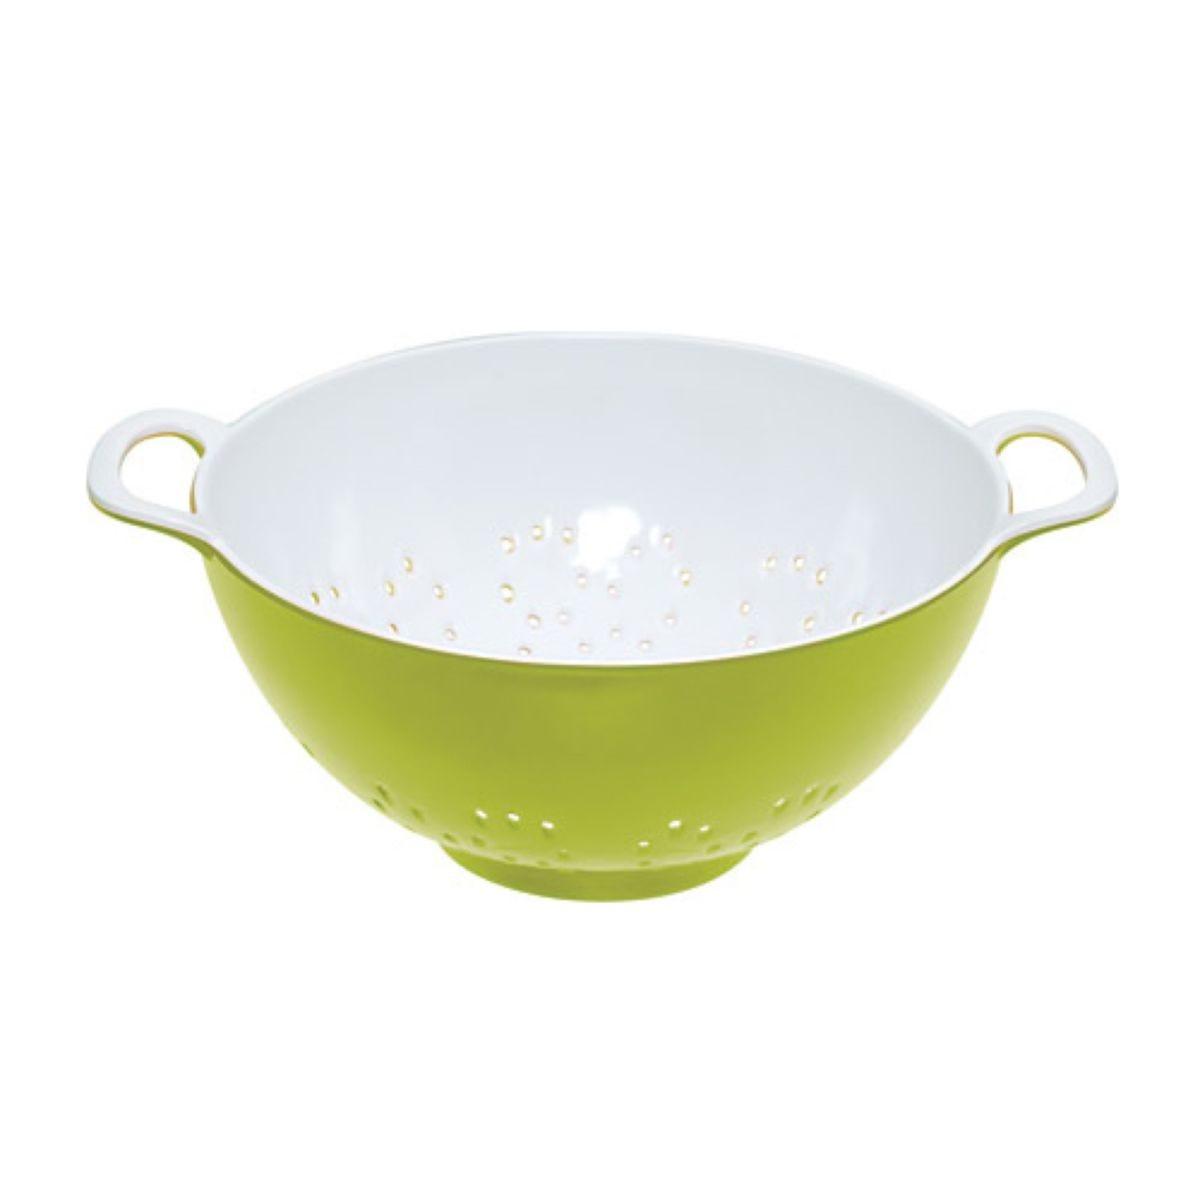 Kitchen Craft 15cm Melamine Colander Green